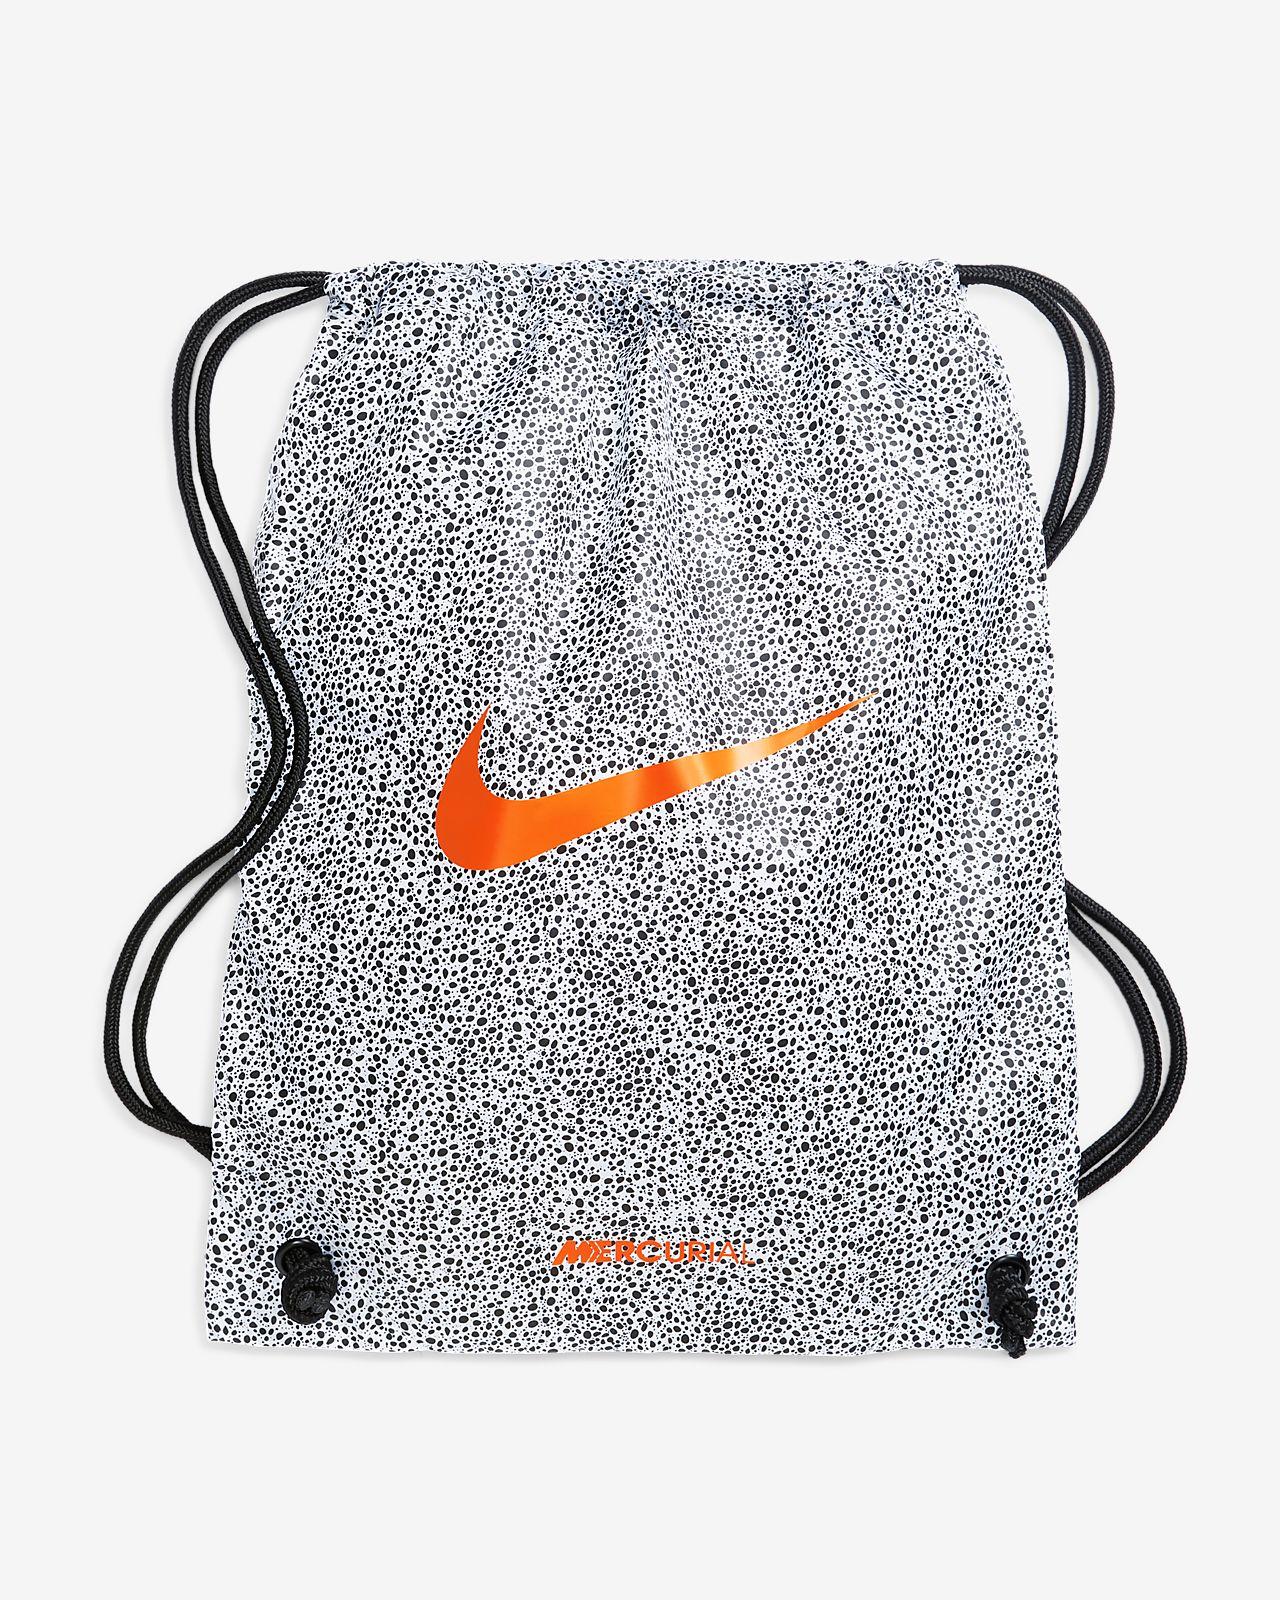 Nike Mercurial Vapor 13 Elite CR7 Safari FG Fußballschuh für normalen Rasen